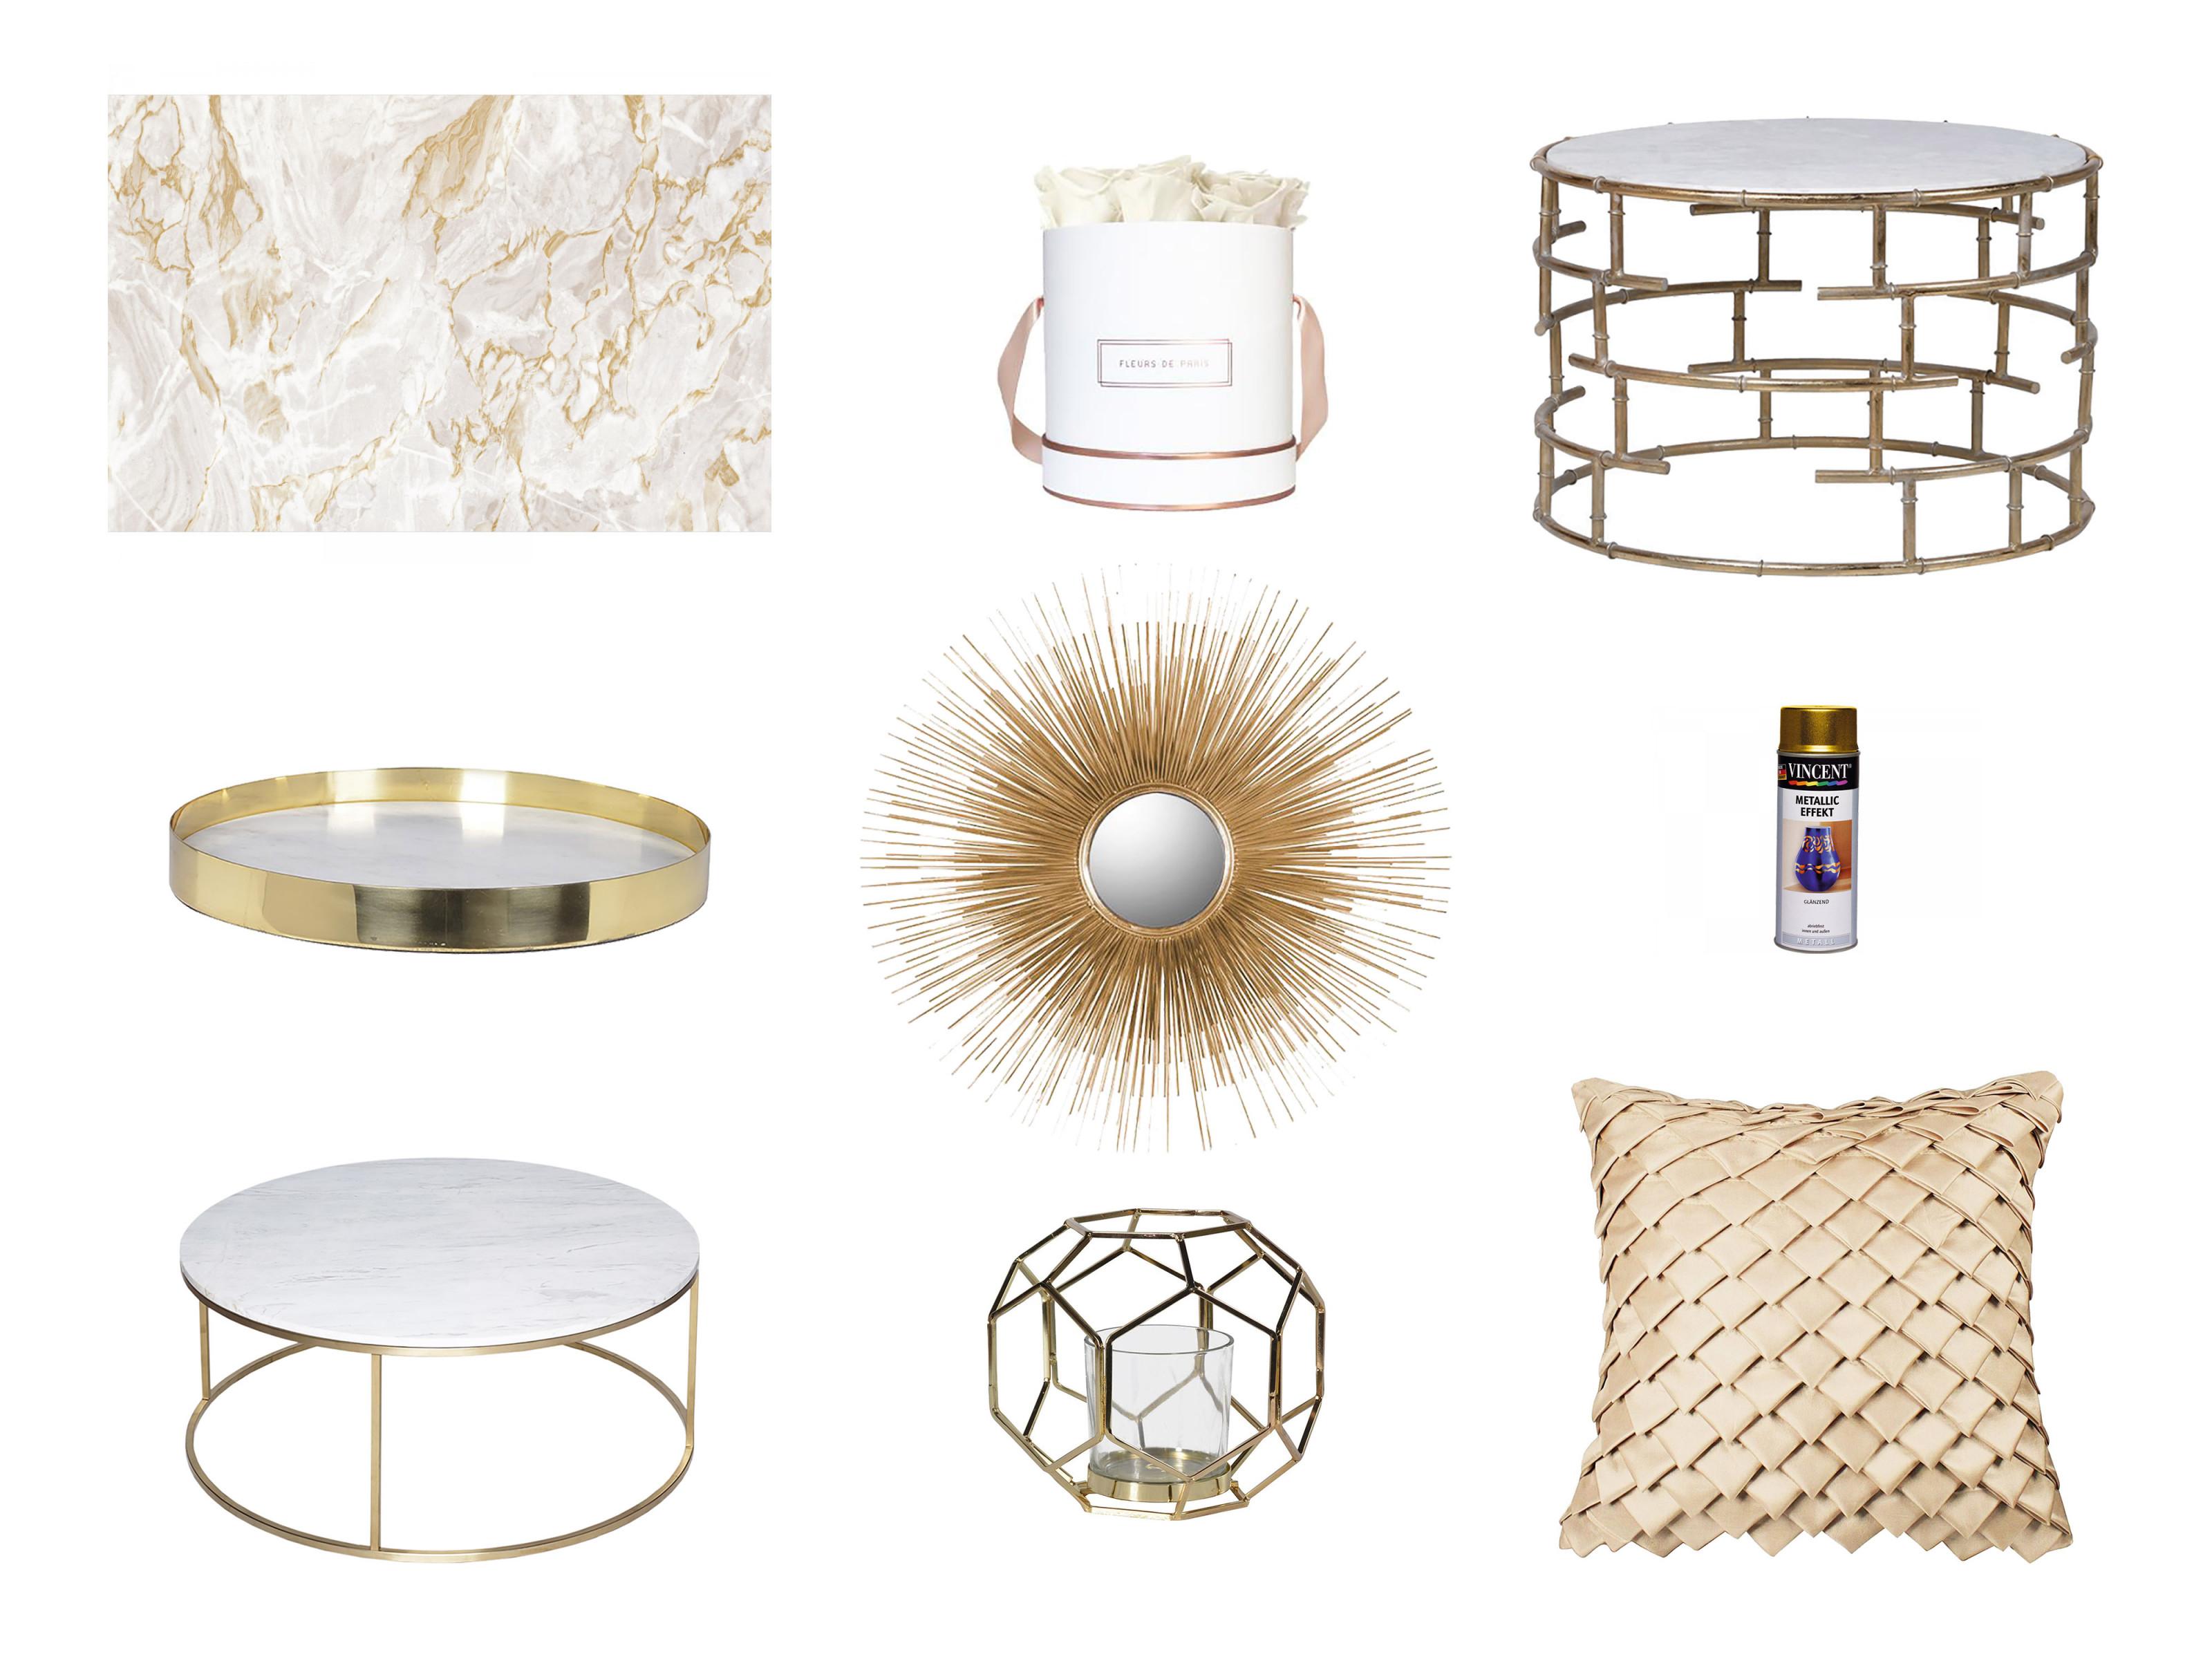 Wohntrend Gold Key Pieces Für Das Wohnzimmer  Adita Kara von Goldene Deko Wohnzimmer Photo